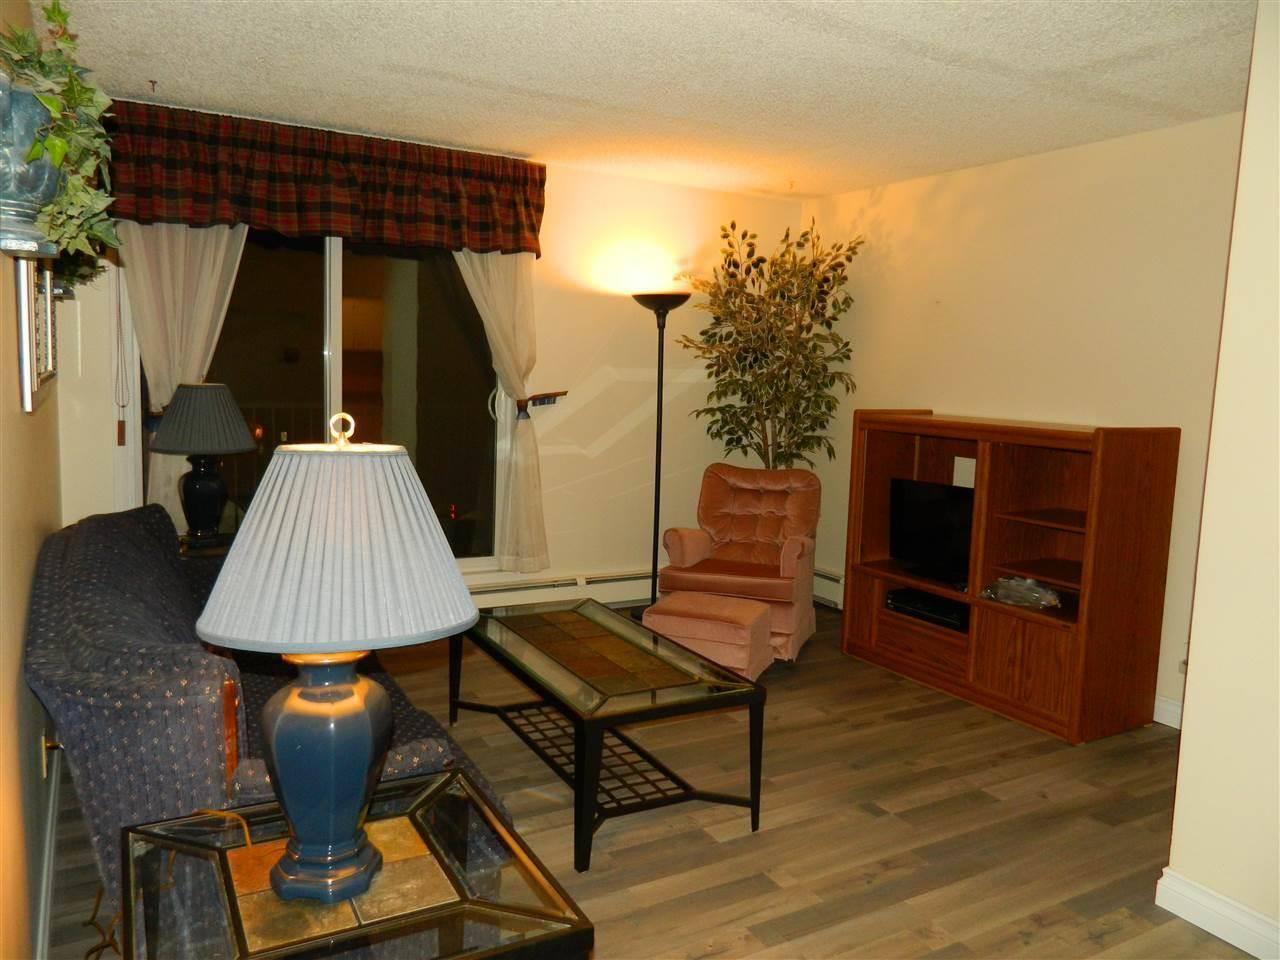 Condo for sale at 8022 Tudor Glen St. Albert Alberta - MLS: E4193286